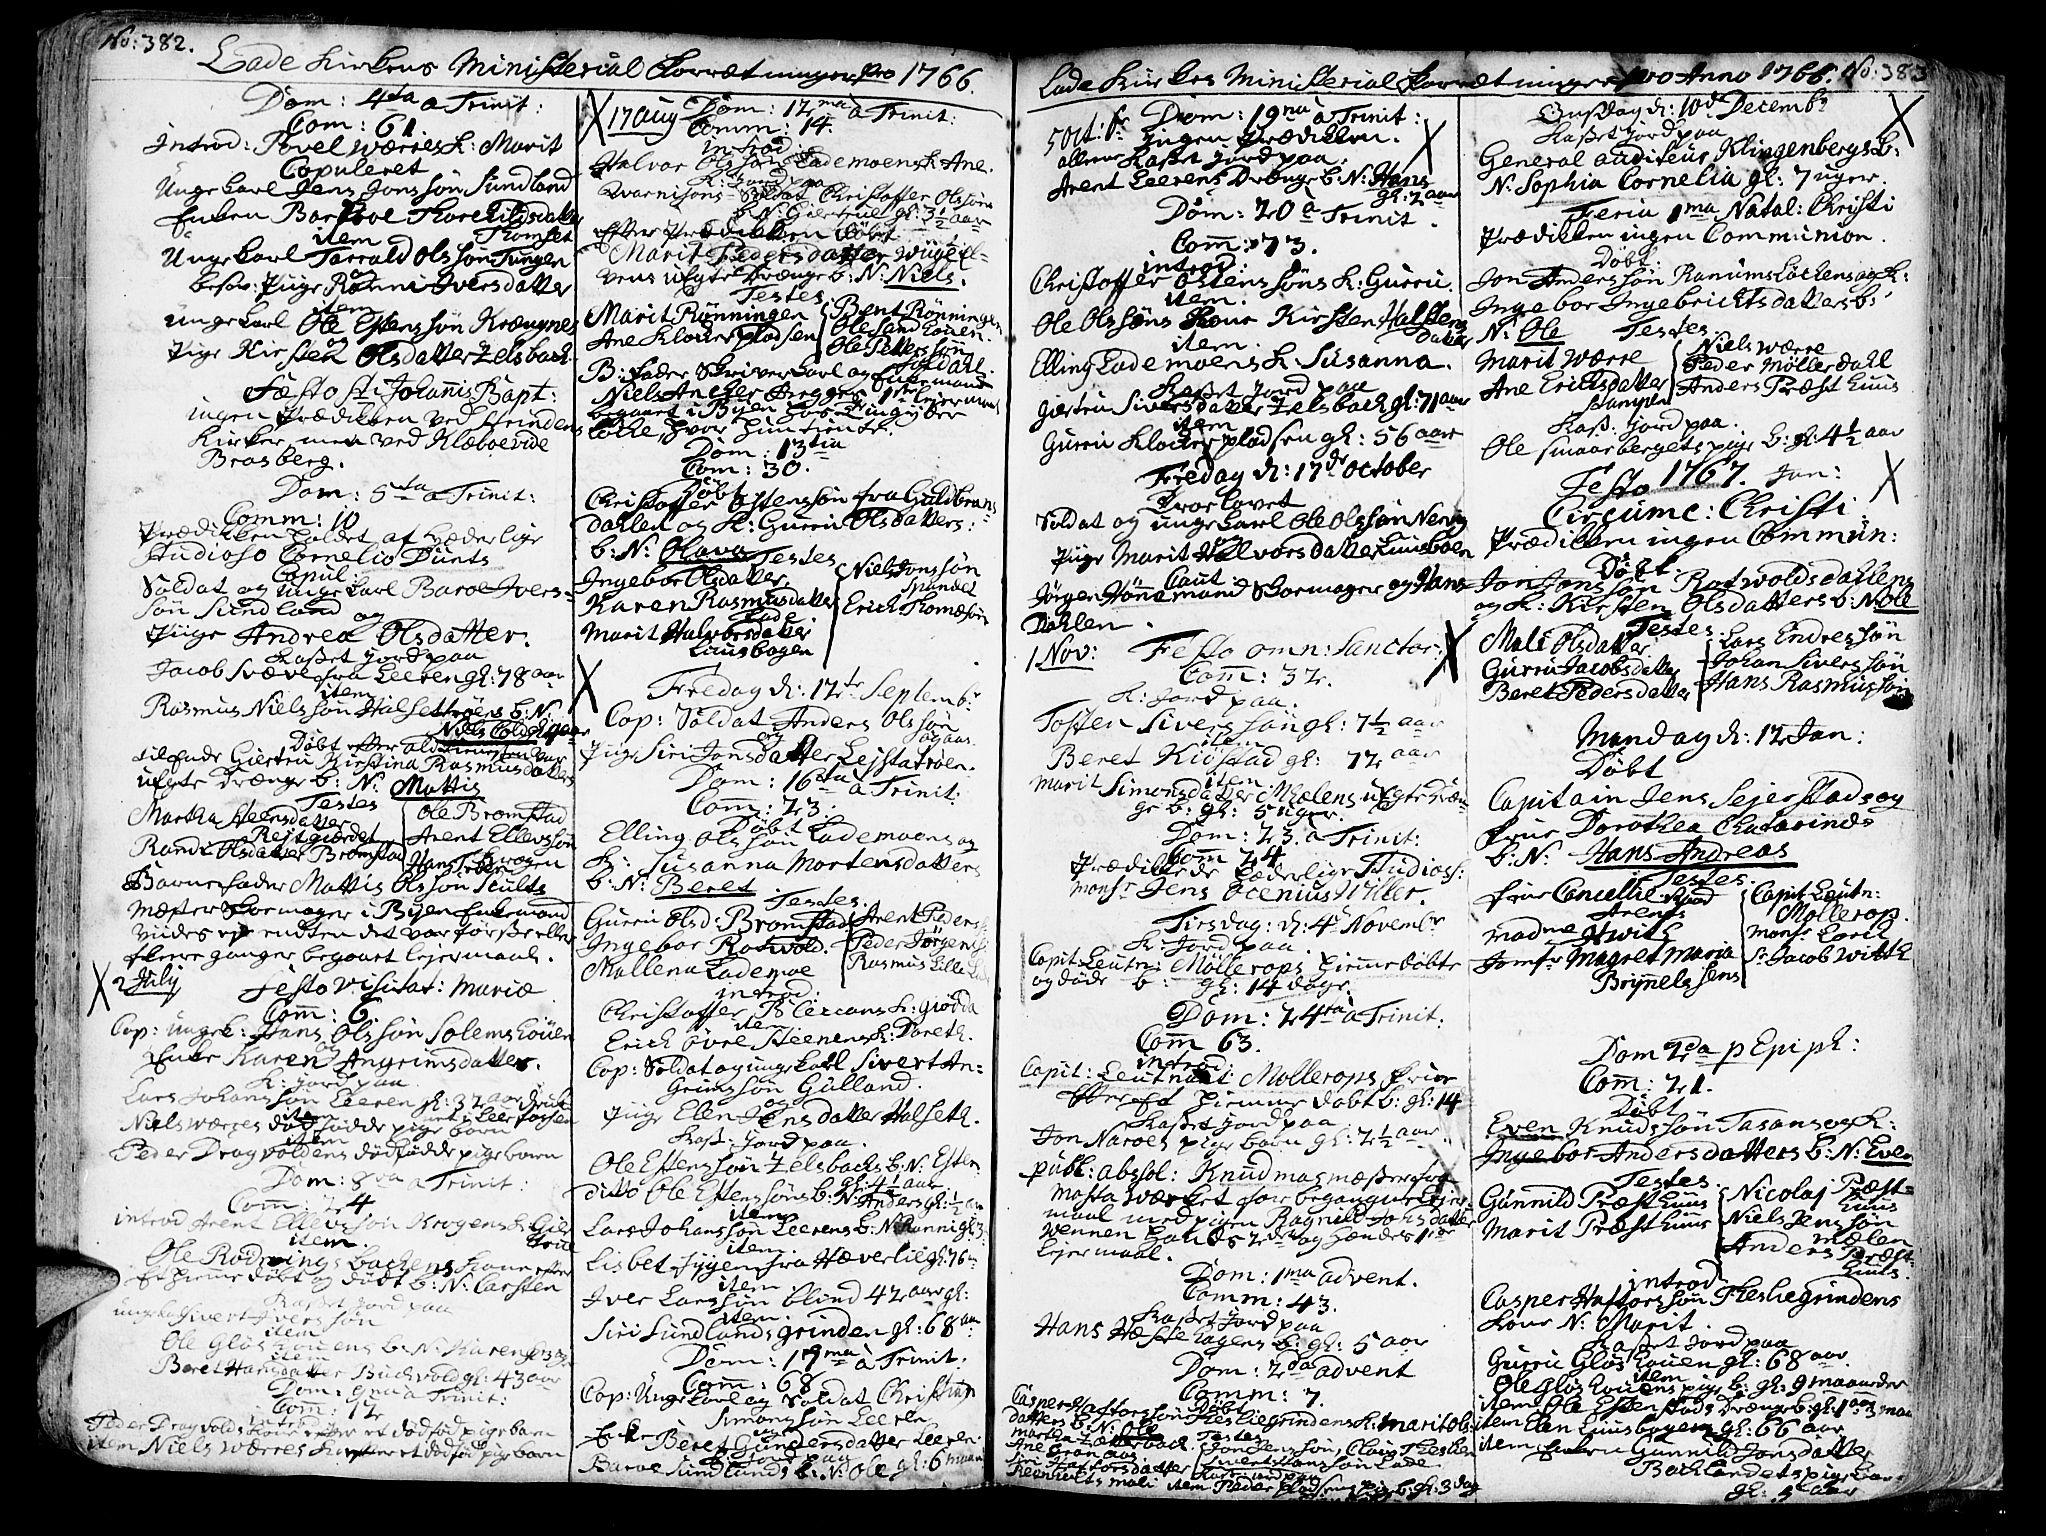 SAT, Ministerialprotokoller, klokkerbøker og fødselsregistre - Sør-Trøndelag, 606/L0275: Ministerialbok nr. 606A01 /1, 1727-1780, s. 382-383